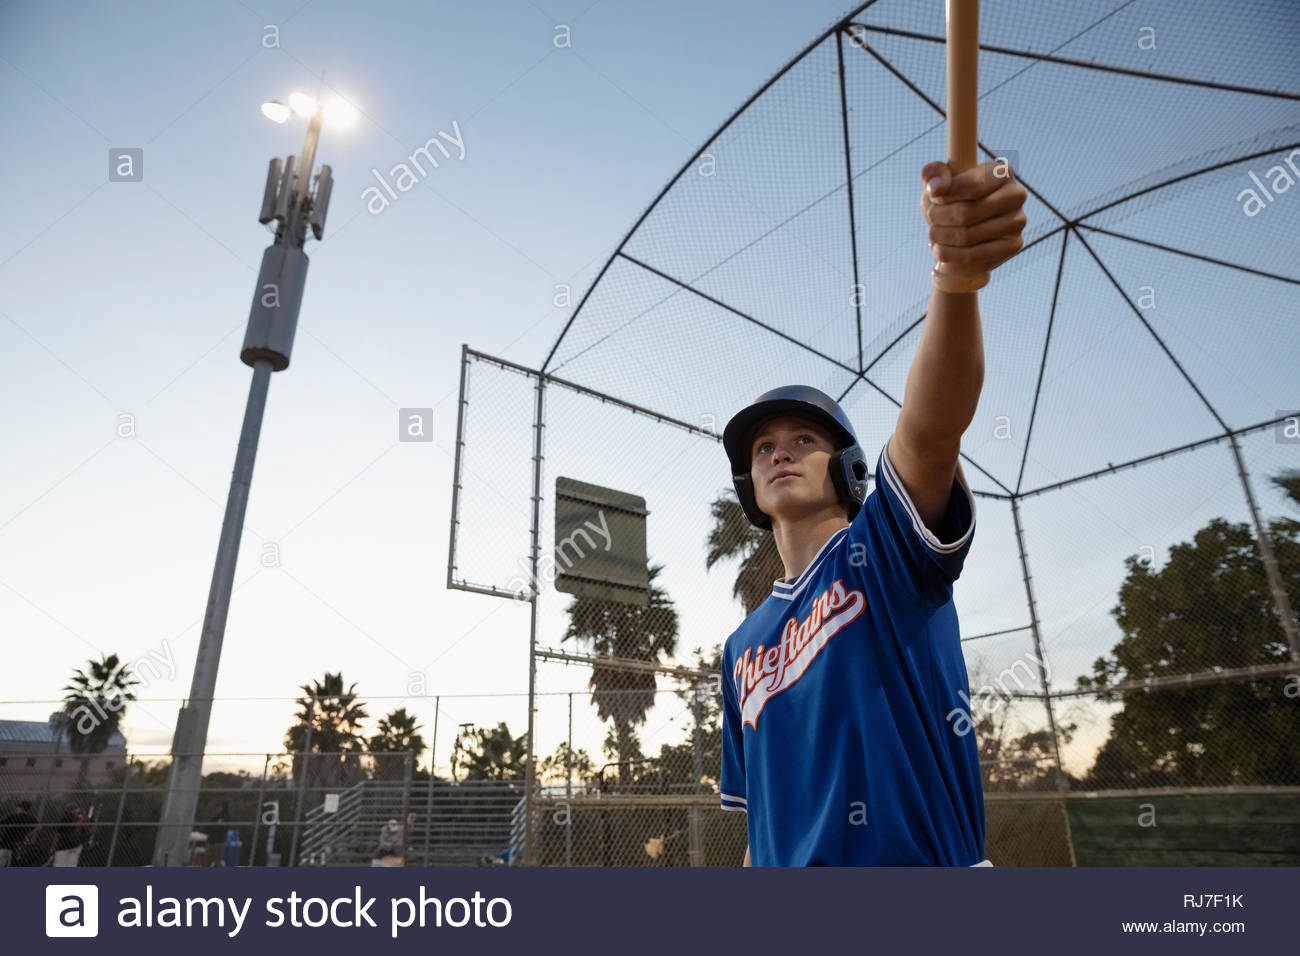 Jugador de béisbol determinada al bate en el campo durante la noche Imagen De Stock